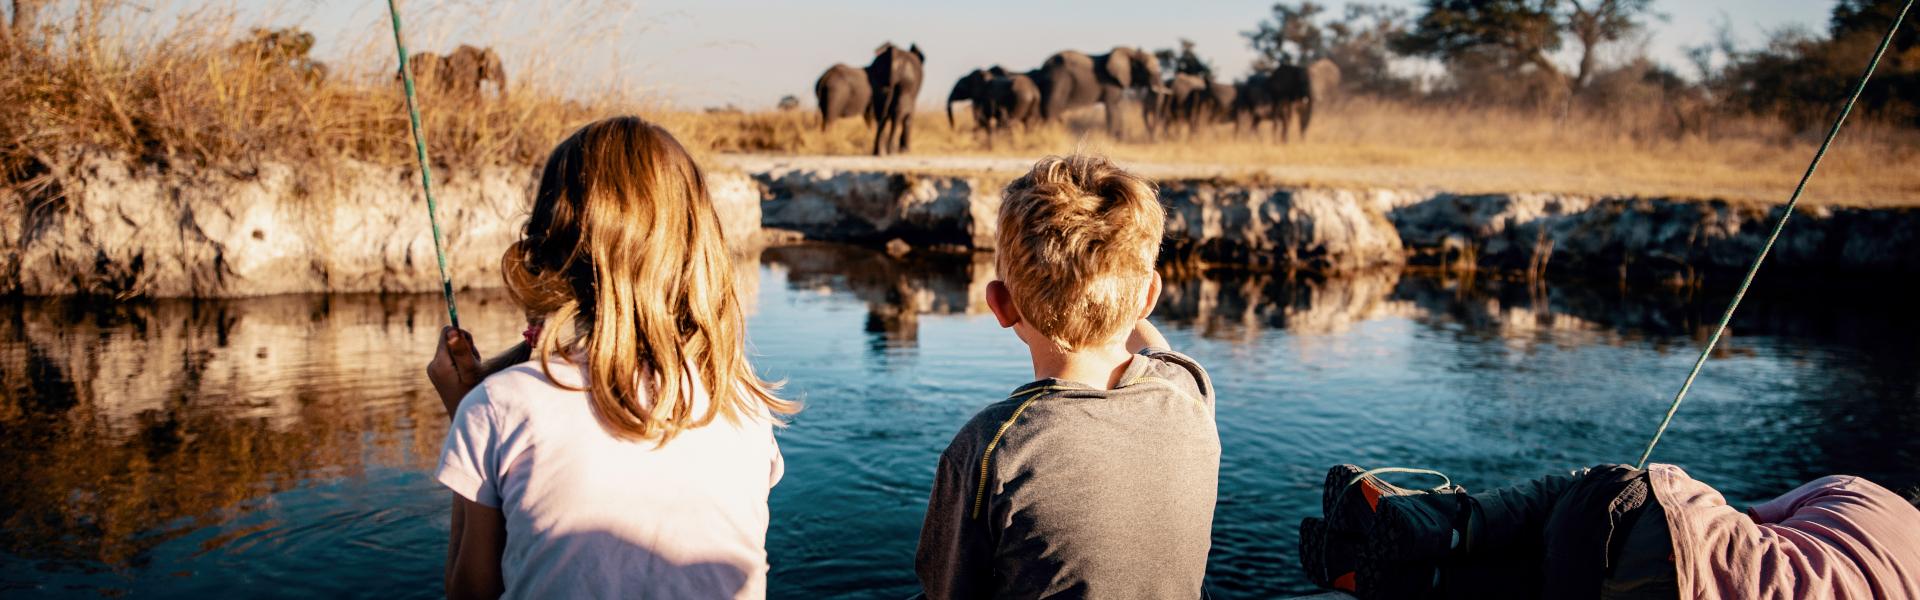 15 Tage Familientour NAMIBIA